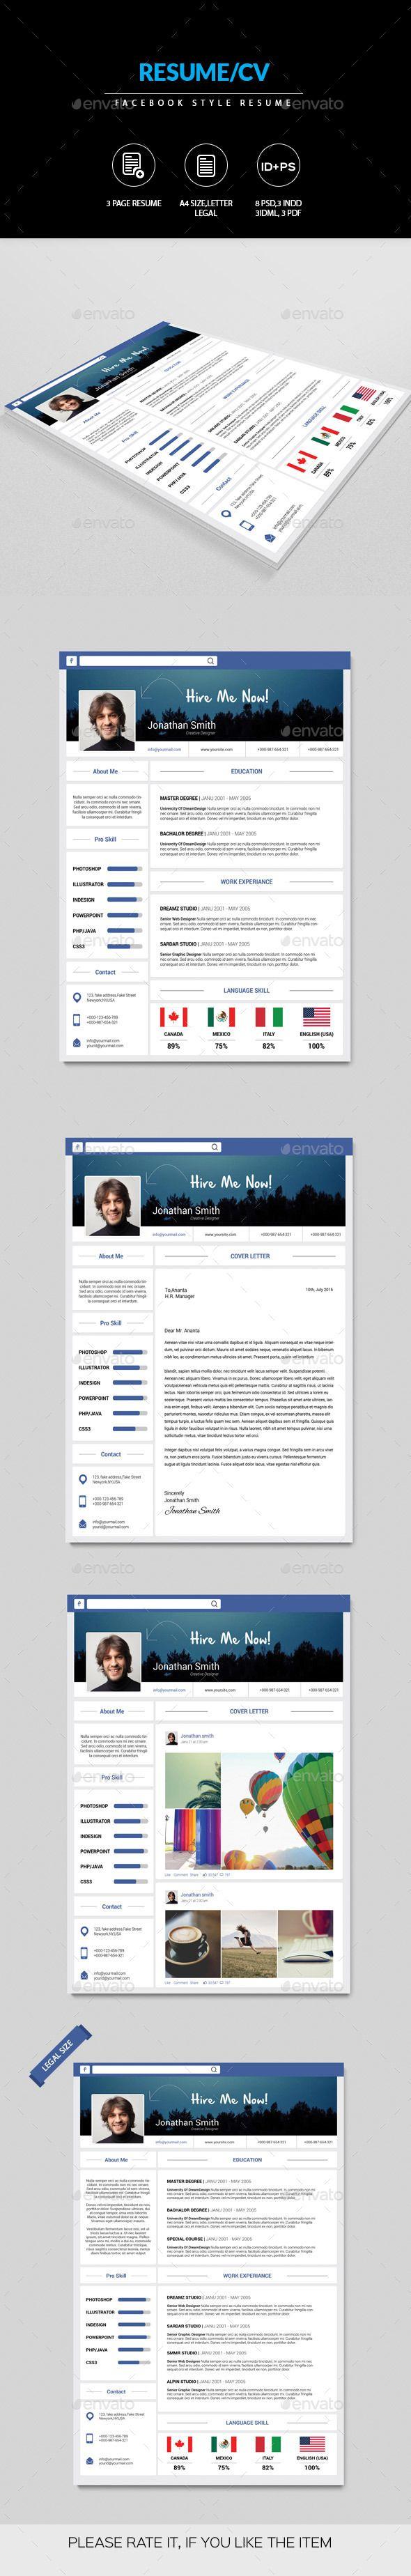 Creative Facebook Style Resume Facebook Style Teacher Resume Template Resume Design Template